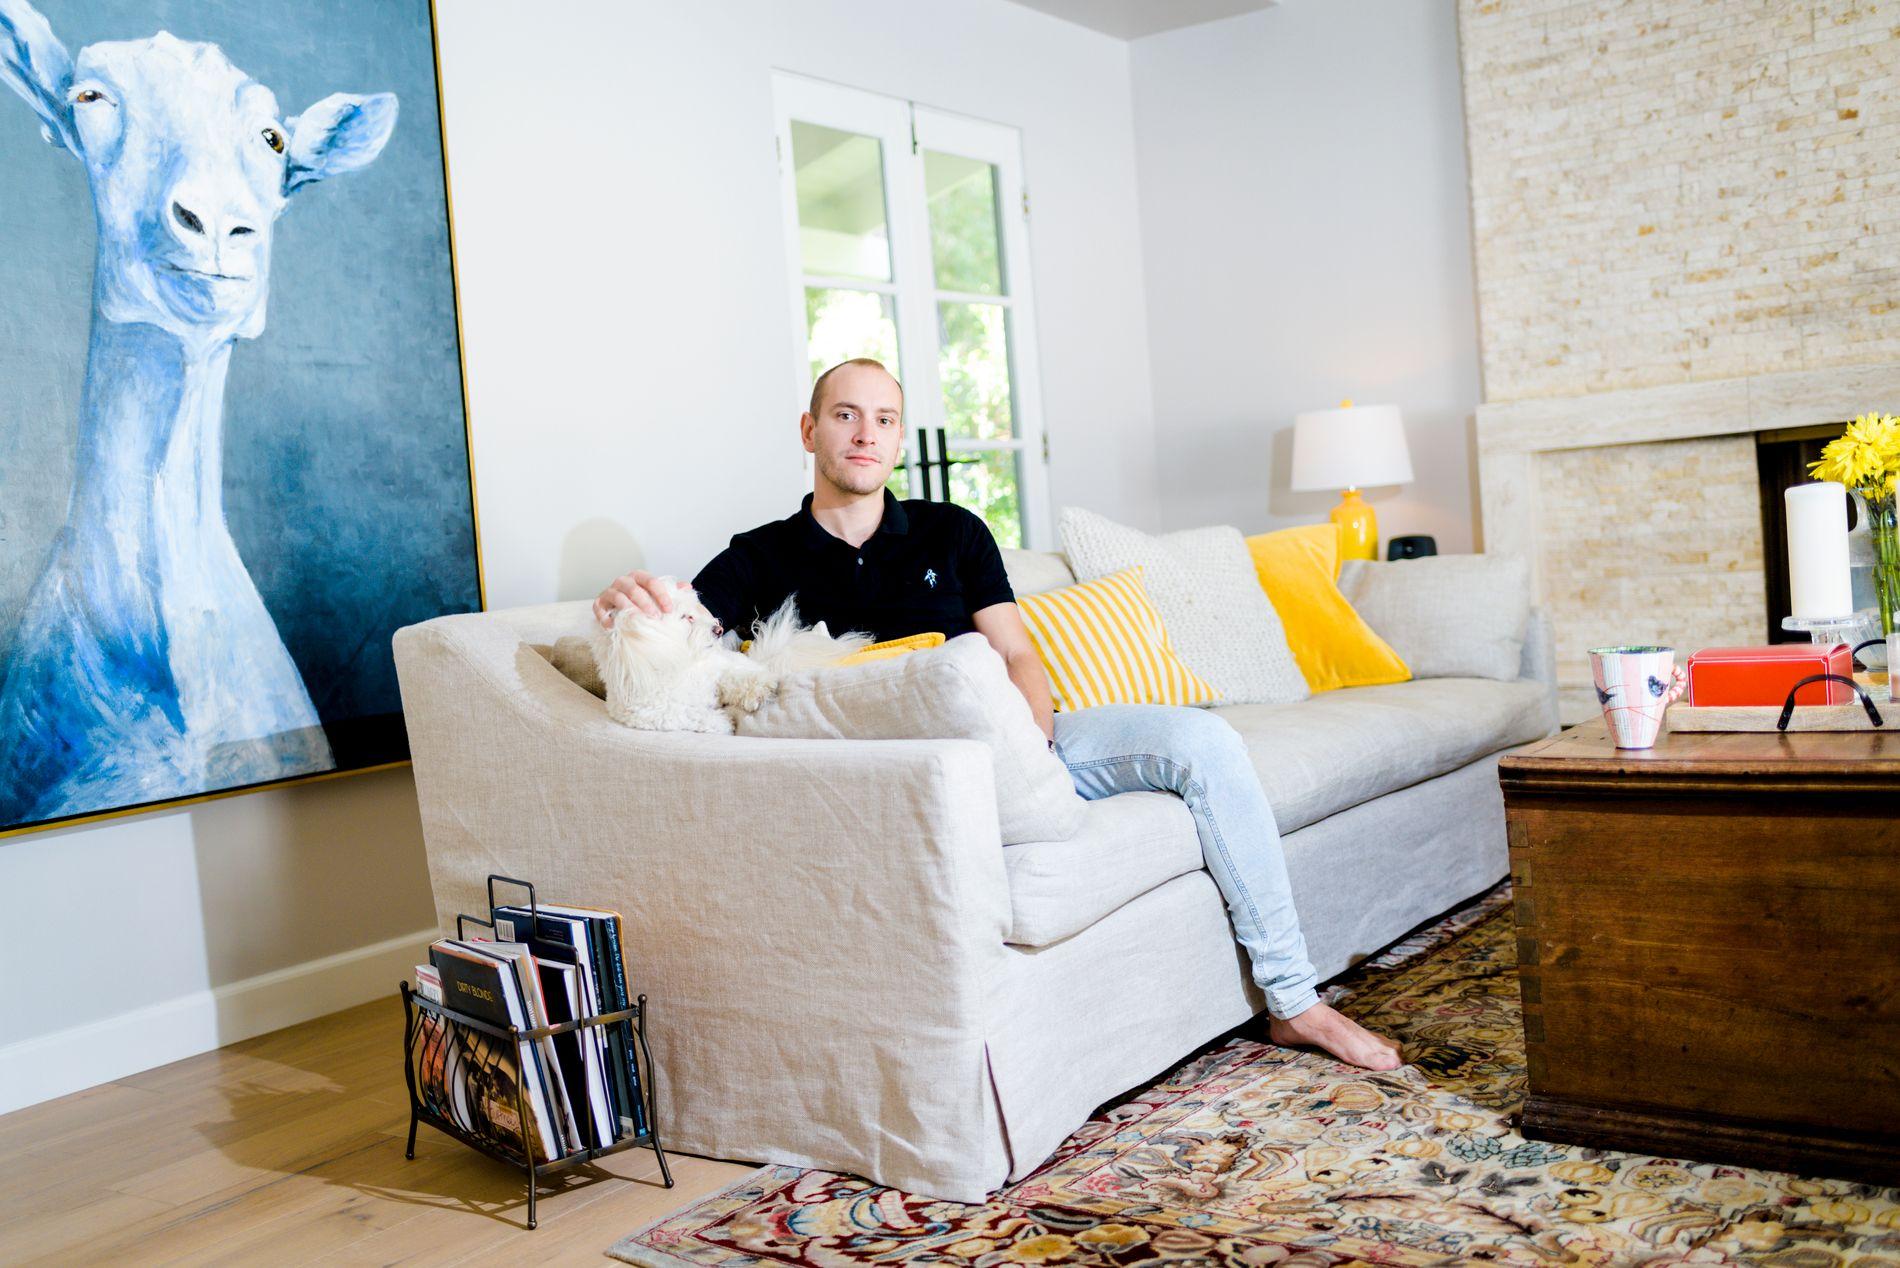 SUKSESS: Musikkprodusent og låtskriver Andreas Schuller har bodd i LA i syv år og mener det viktigste for å slå gjennom i USA er å faktisk bo der. Her sitter han i stuen sin foran ett bilde av en geit han har malt selv med hunden Nala ved siden av seg.